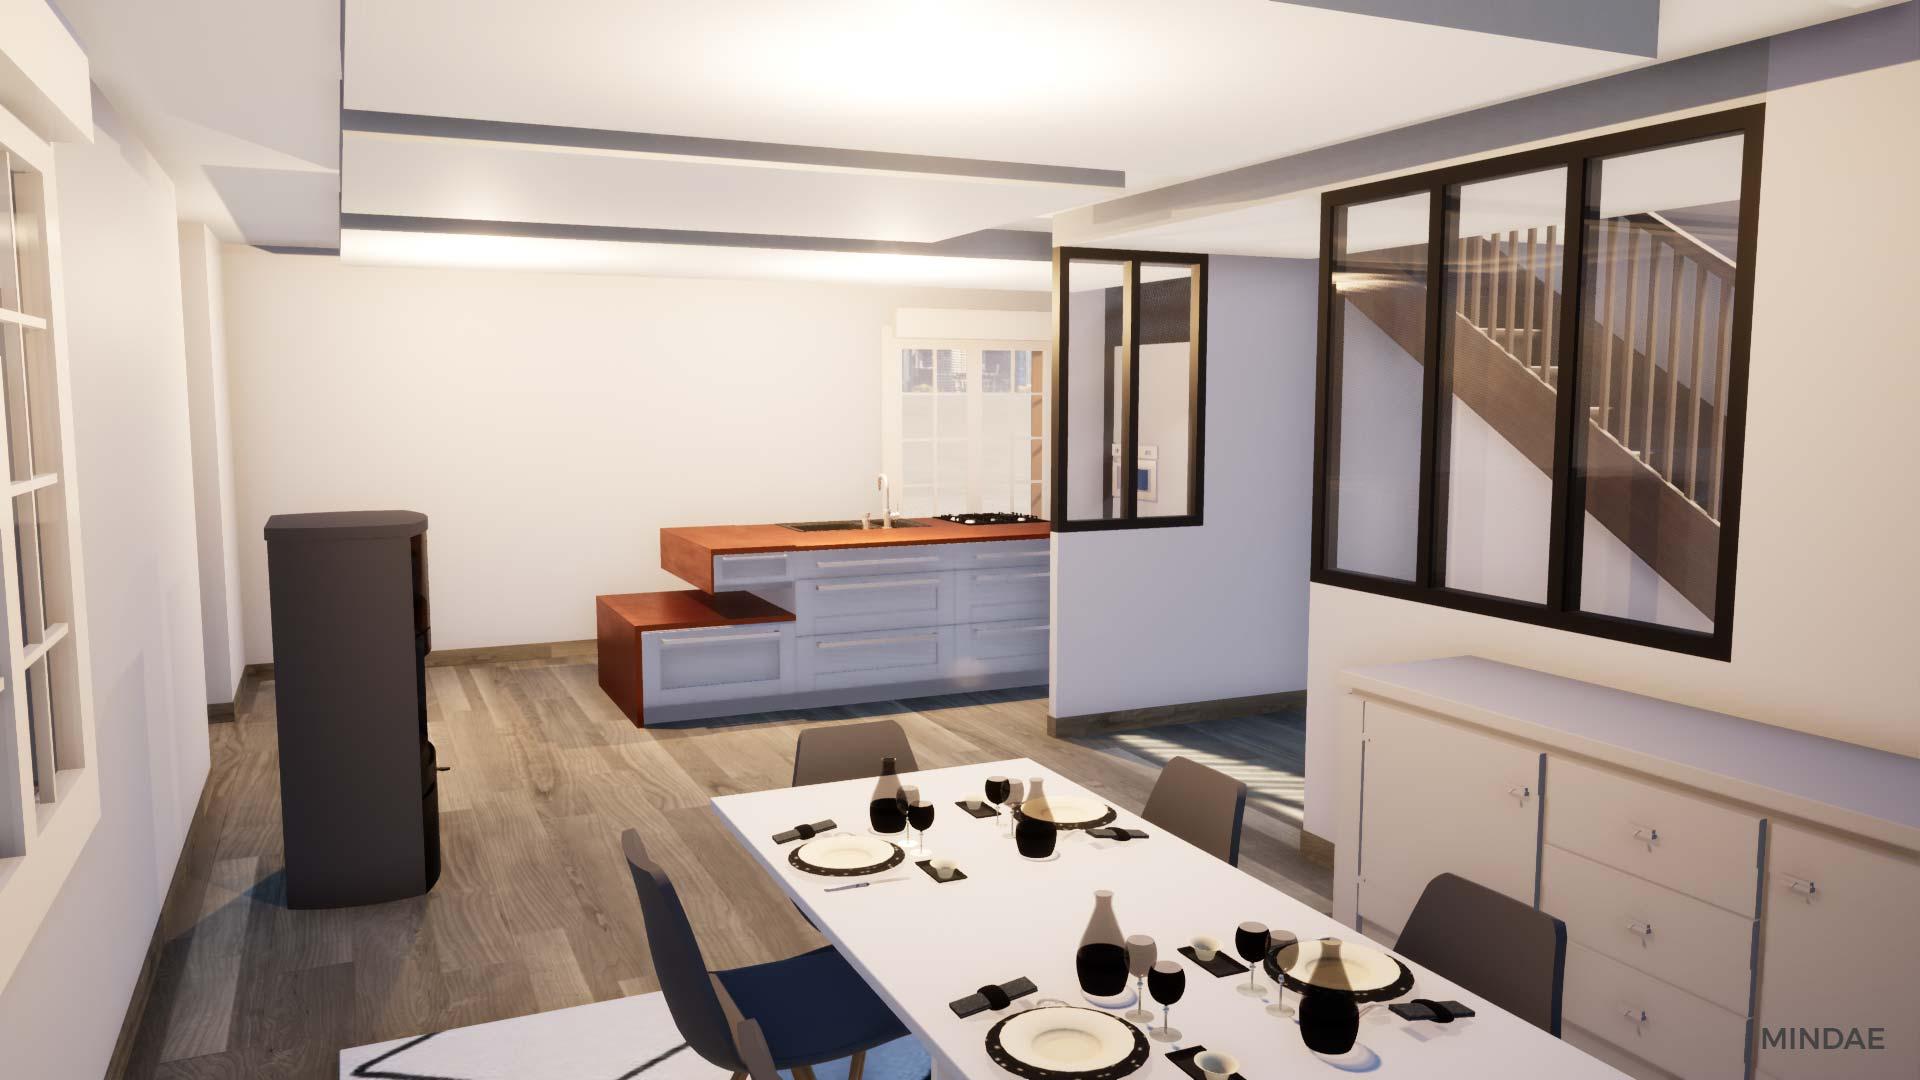 Mindae_3D_maison_salon_verriere_metal_test_agencement_design_cuisine_entree-(5)